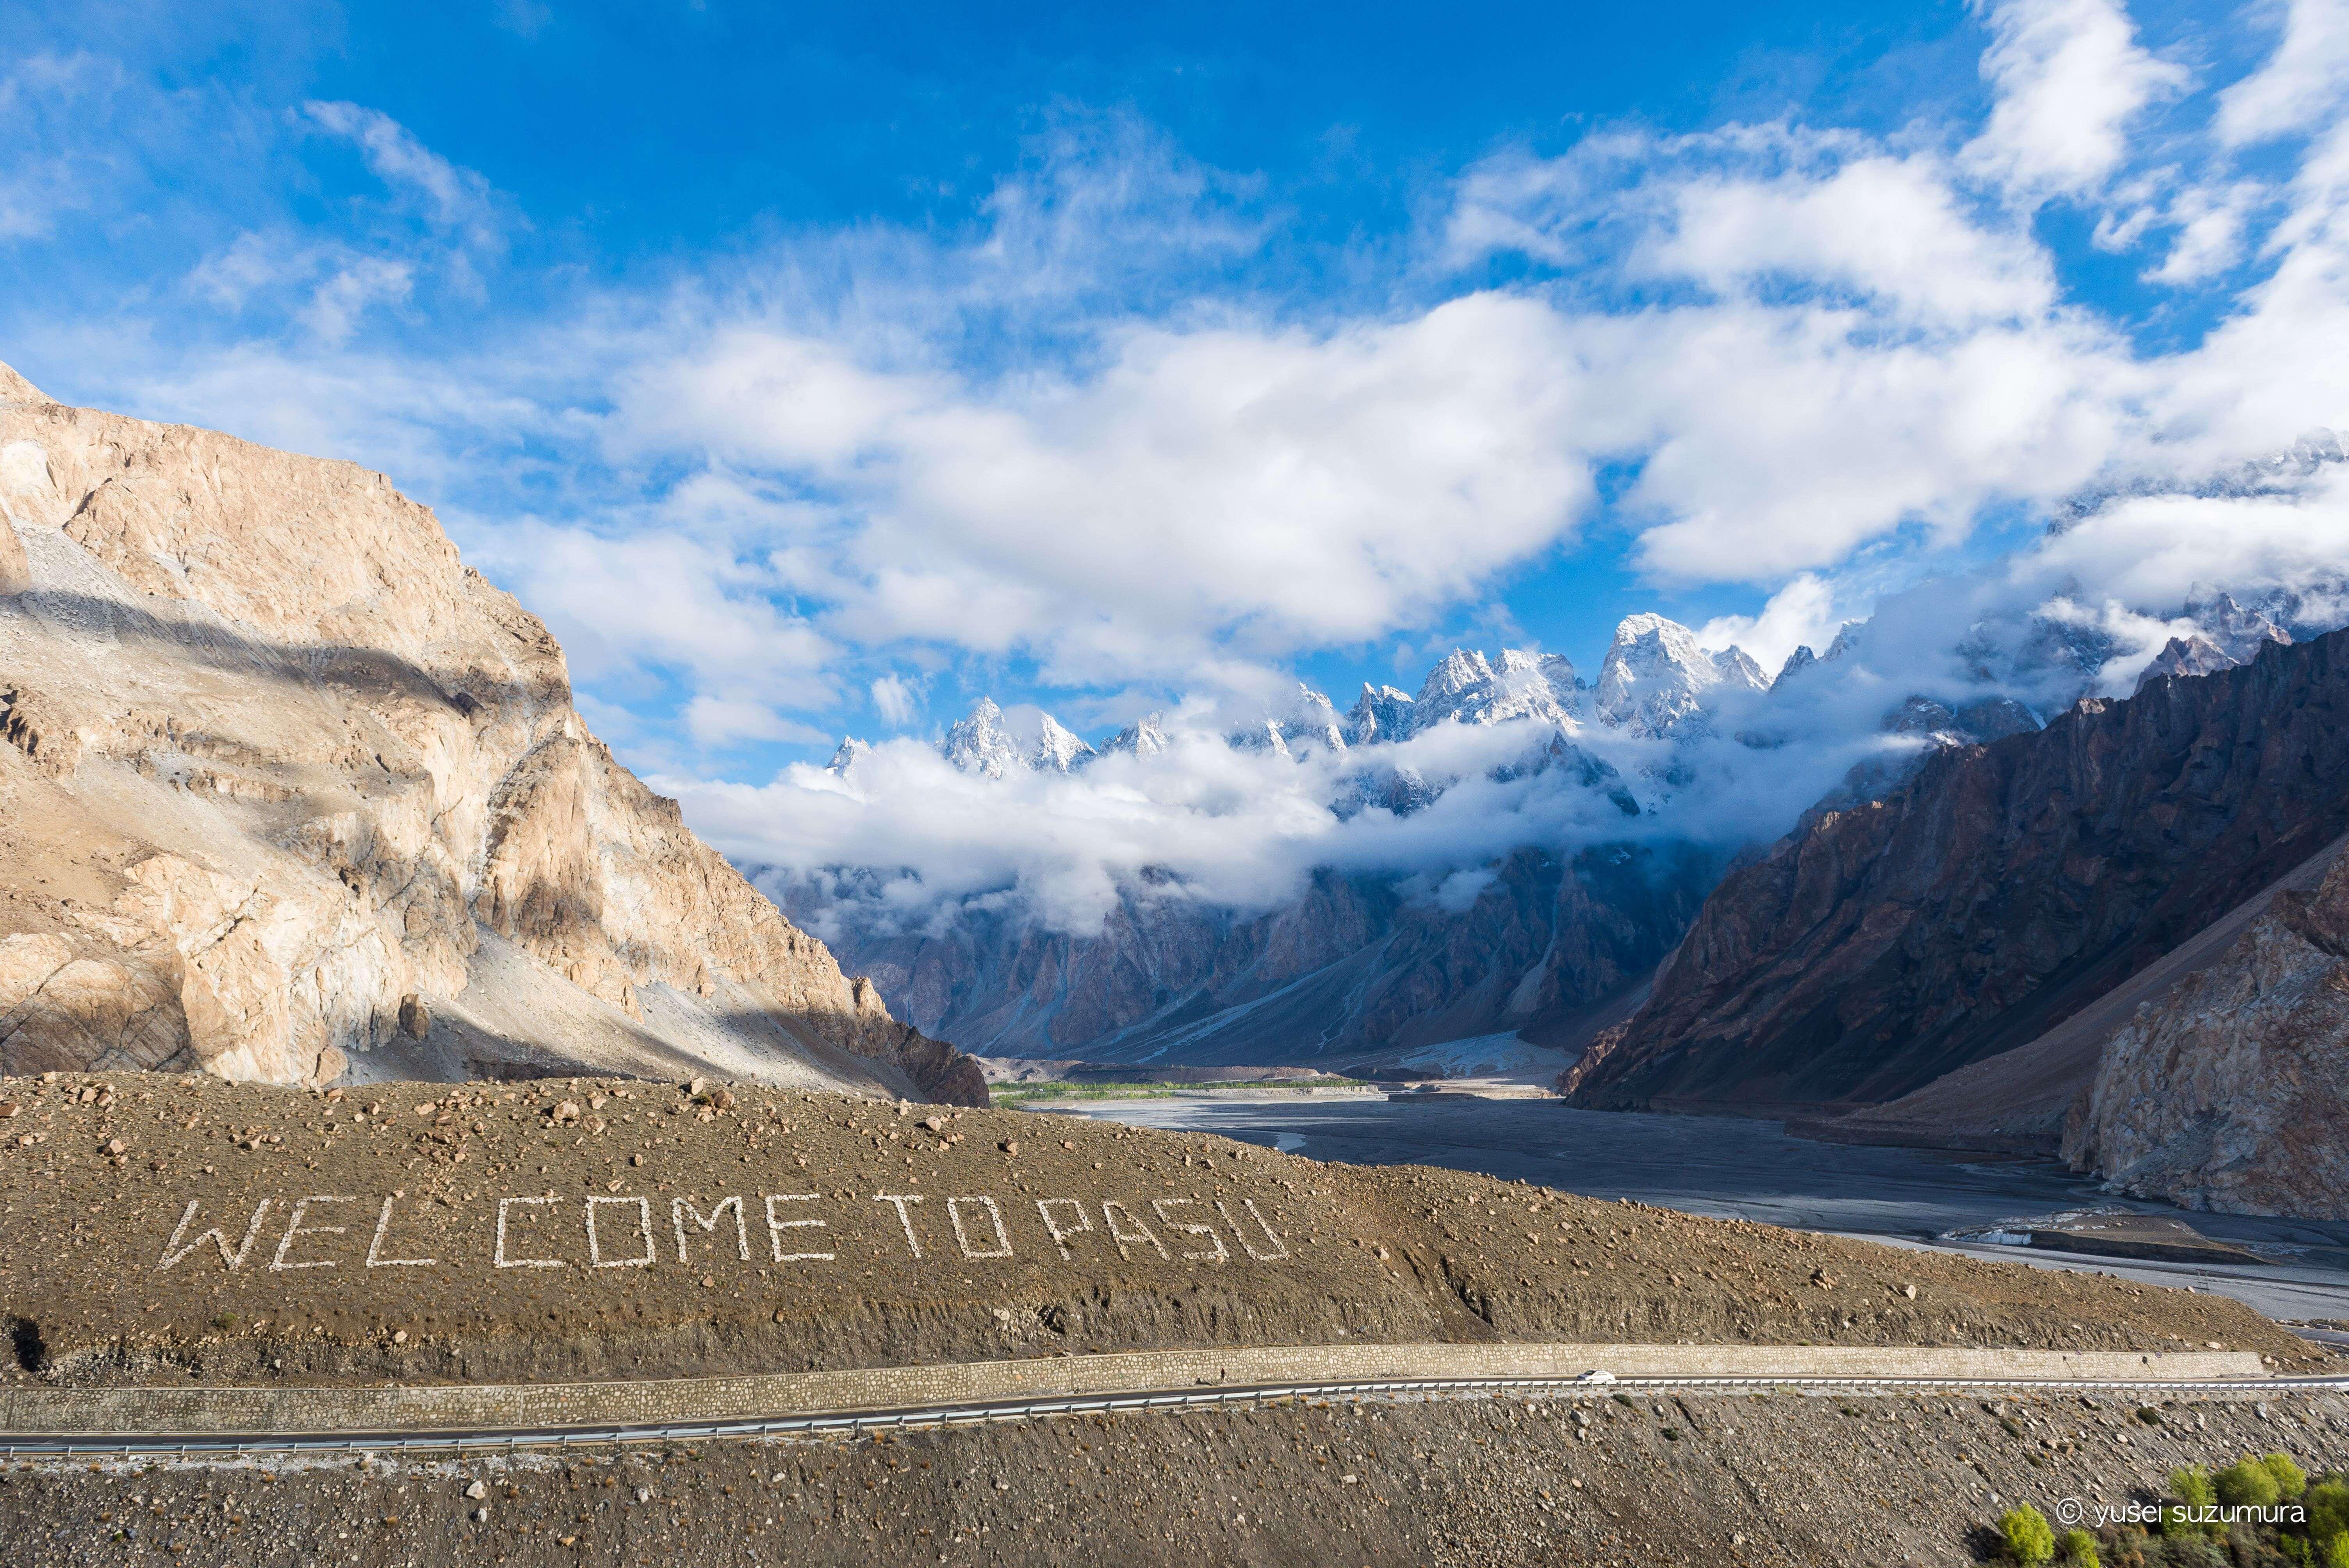 フンザからタシュクルガンへ。パキスタンから中国への地獄の国境越え